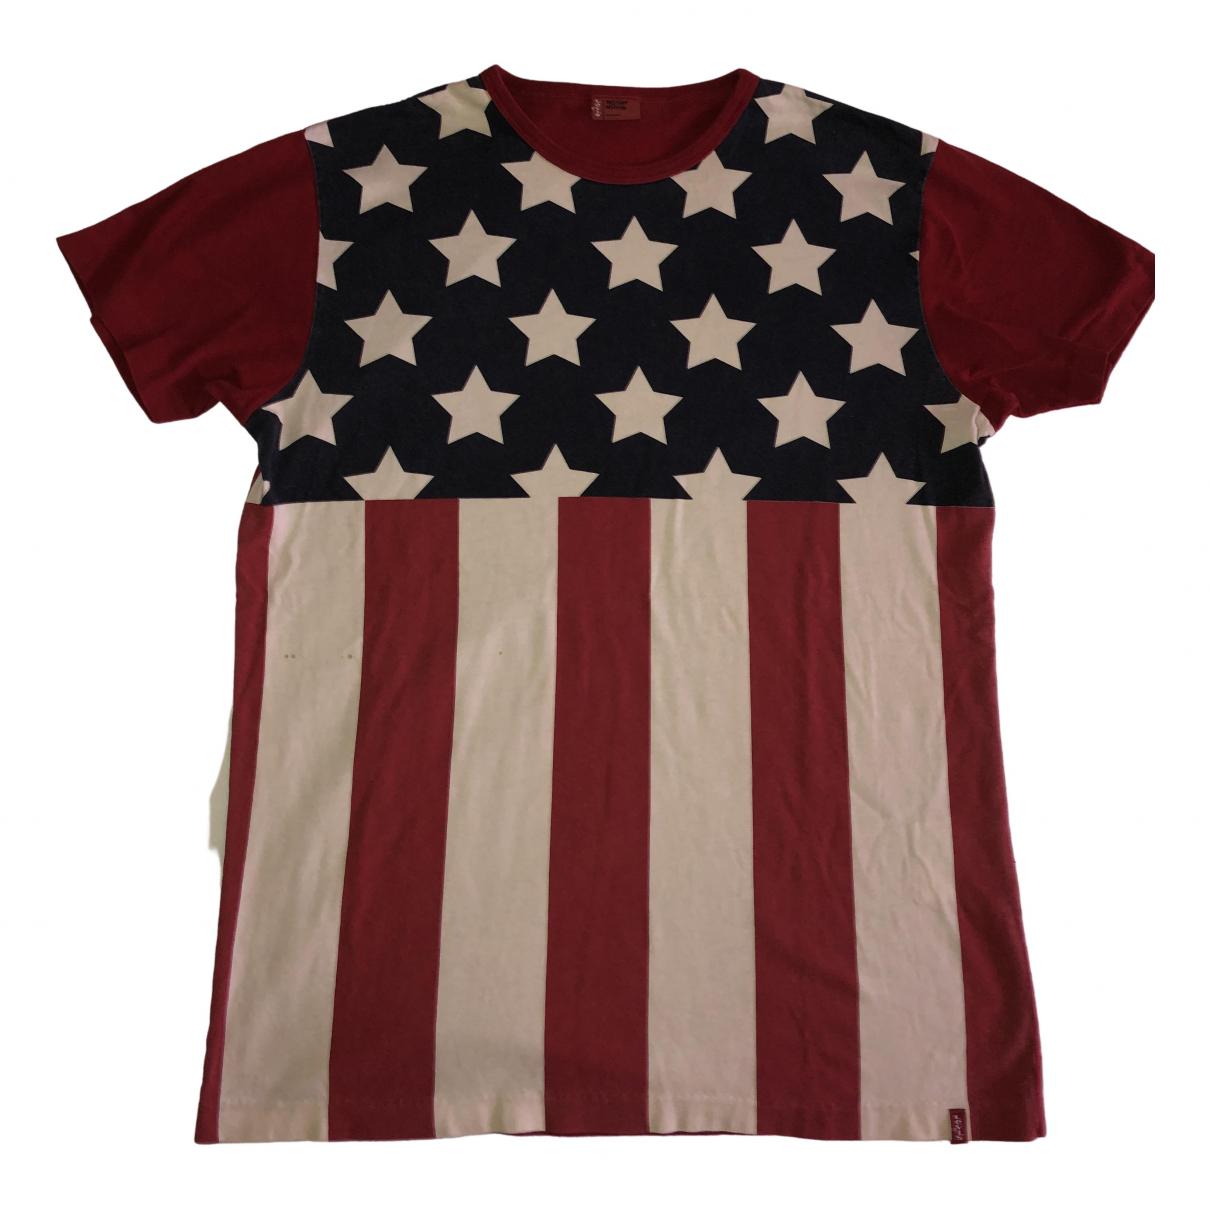 Levis - Tee shirts   pour homme en coton - rouge